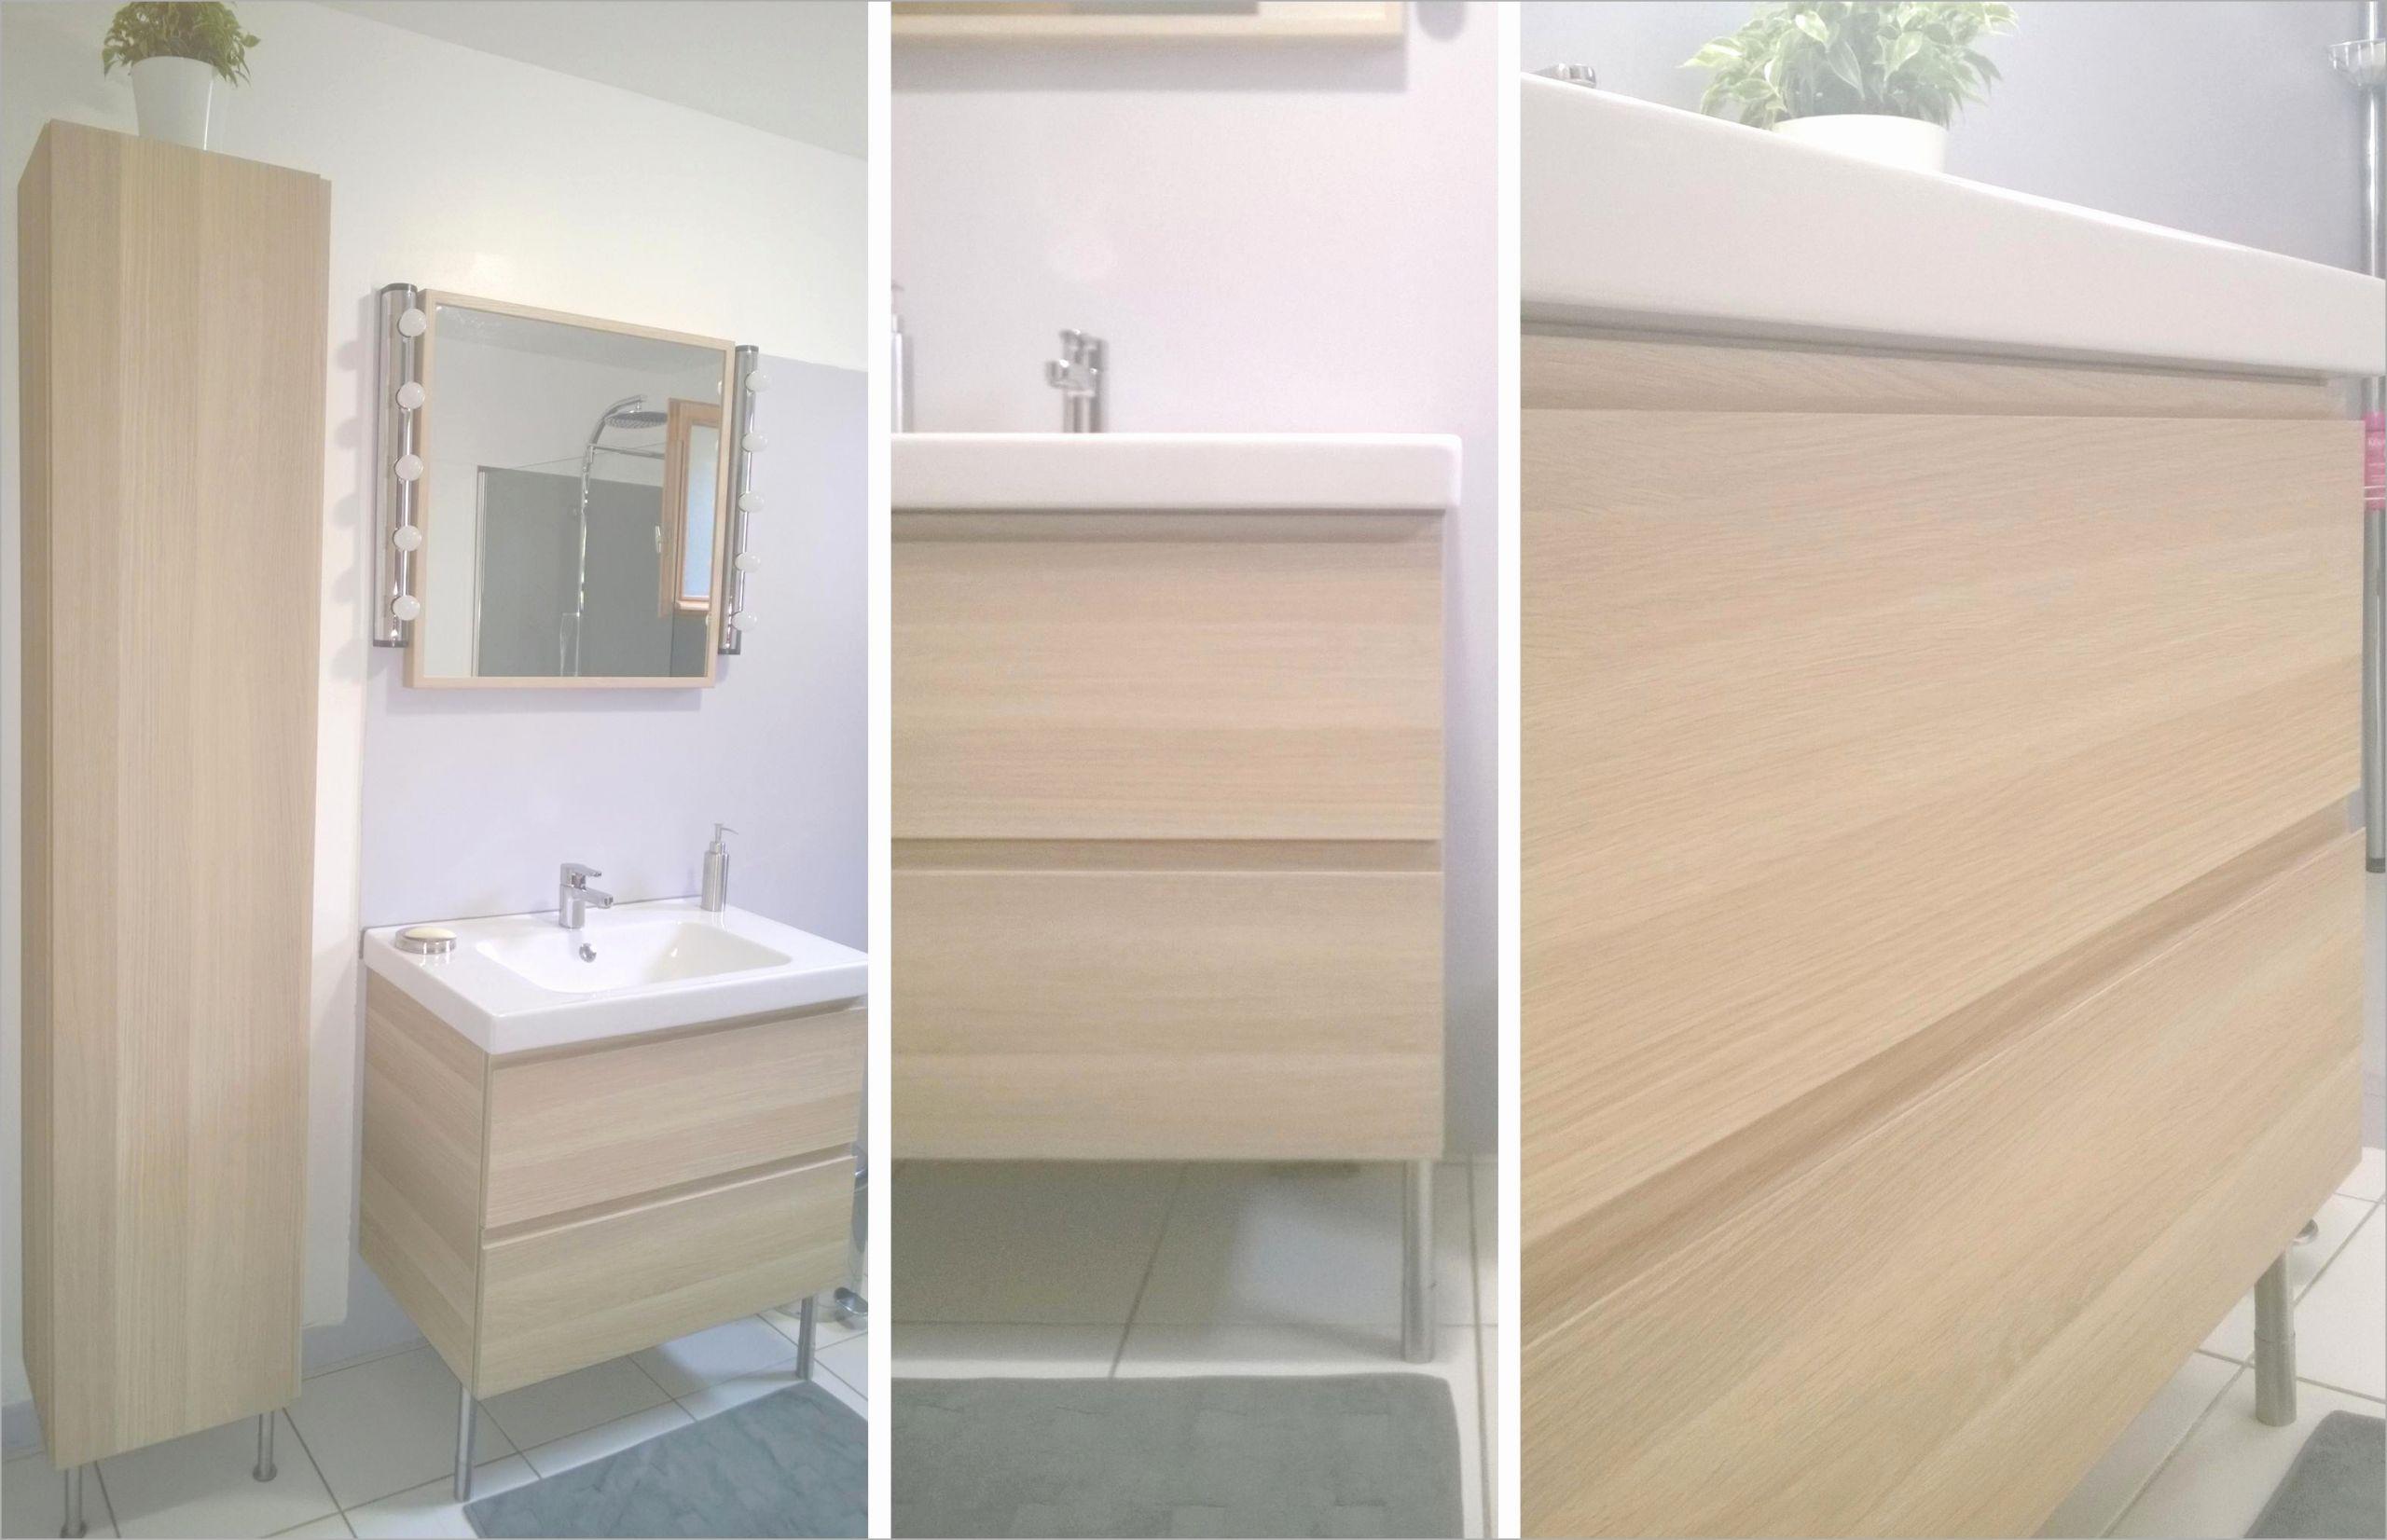 salle de bain grise et bois des propice meuble gris et bois chaise bois dessus de chaise en bois beau of salle de bain grise et bois